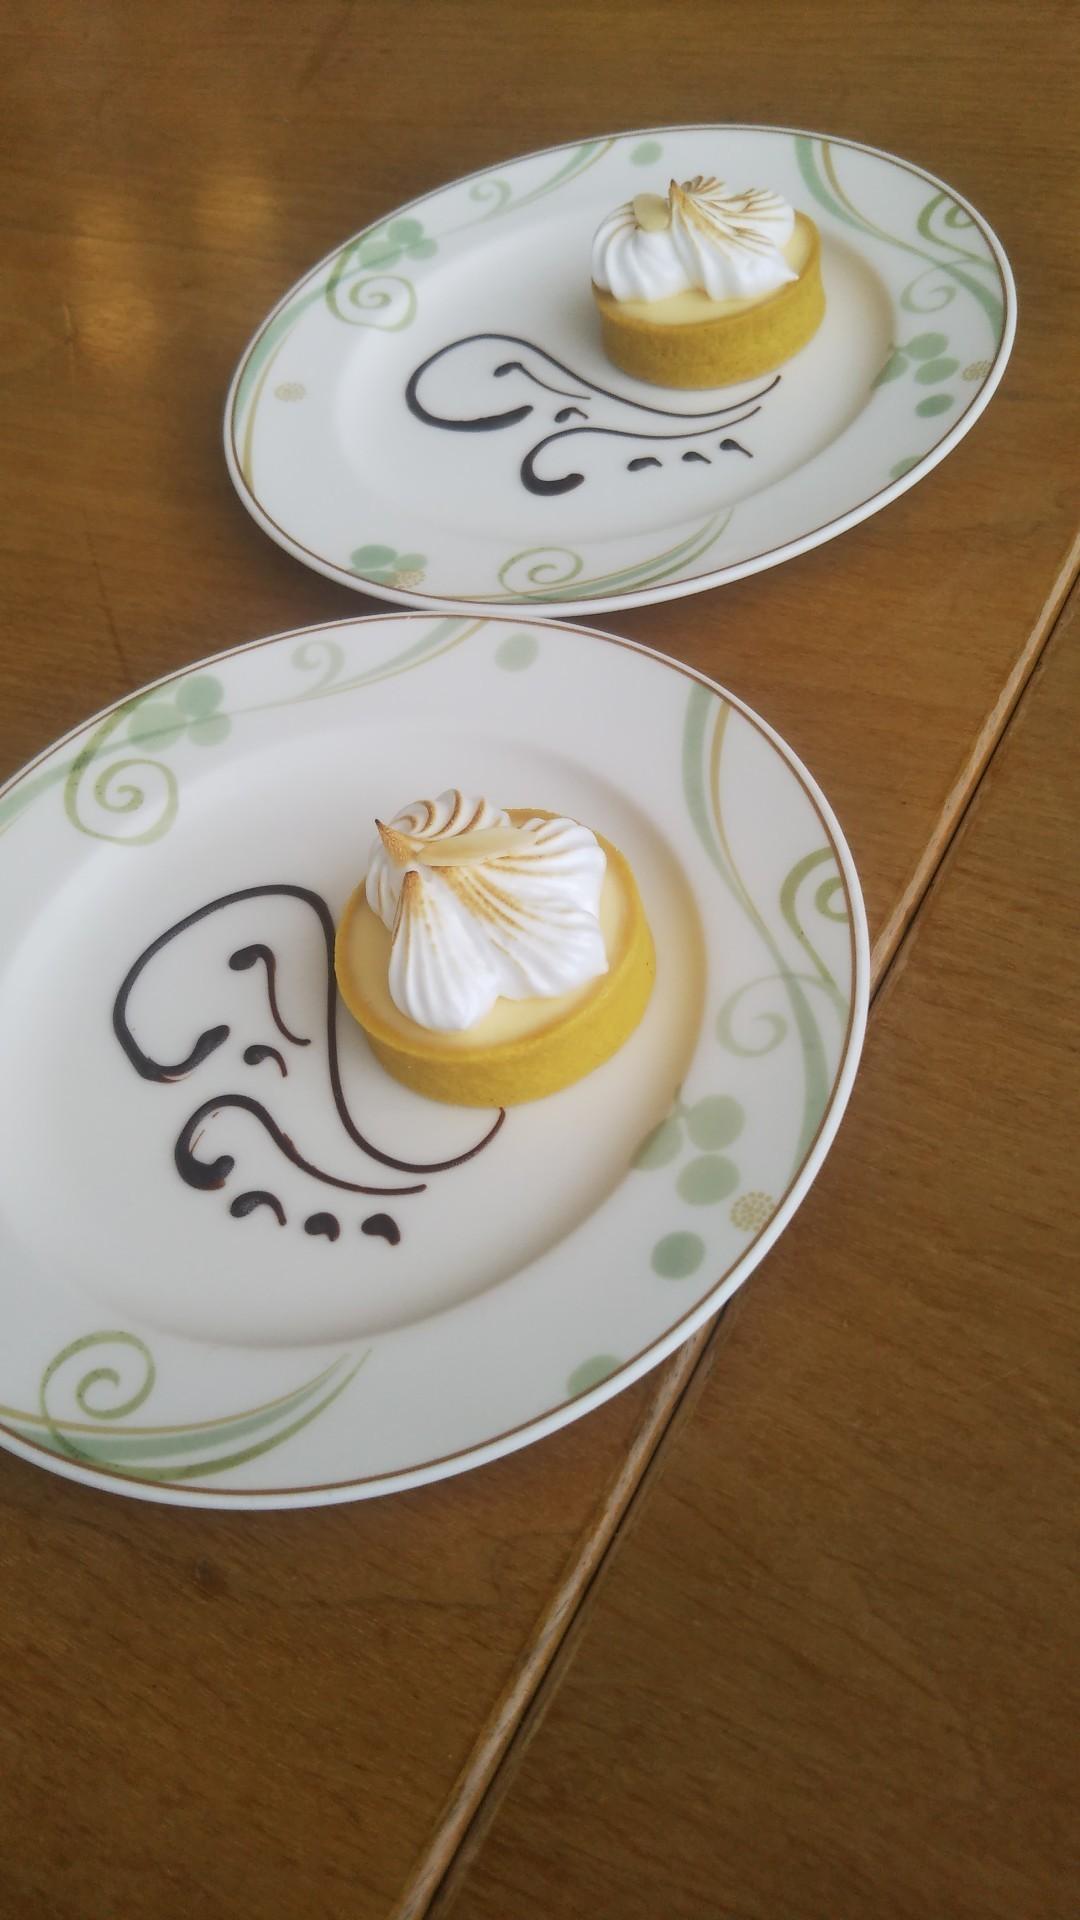 シャトレーゼ ガトーキングダムサッポロ ヴィーニュ Dessert Buffet~夏のべジスイーツフェア~_f0076001_23400750.jpg